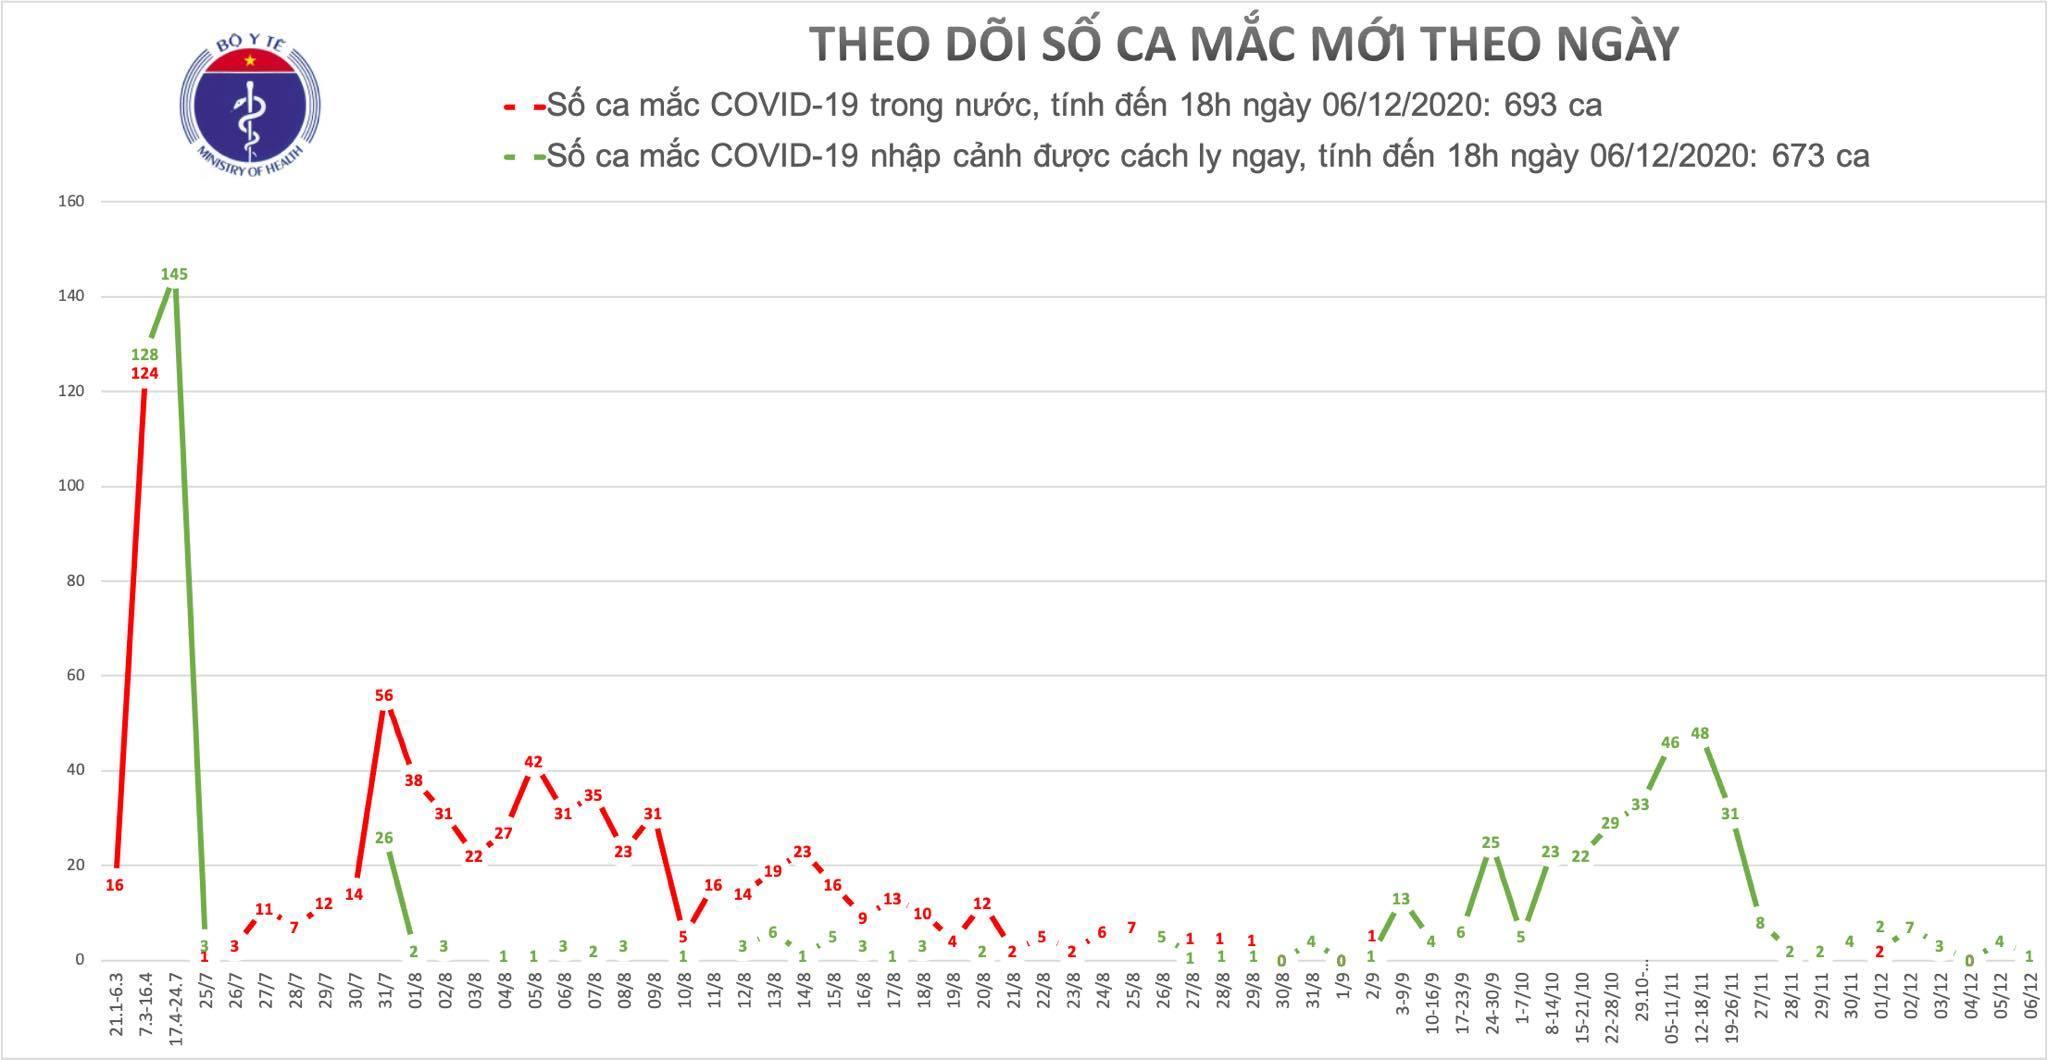 Ca dương tính Hà Nội báo cáo được ghi nhận là ca bệnh 1366